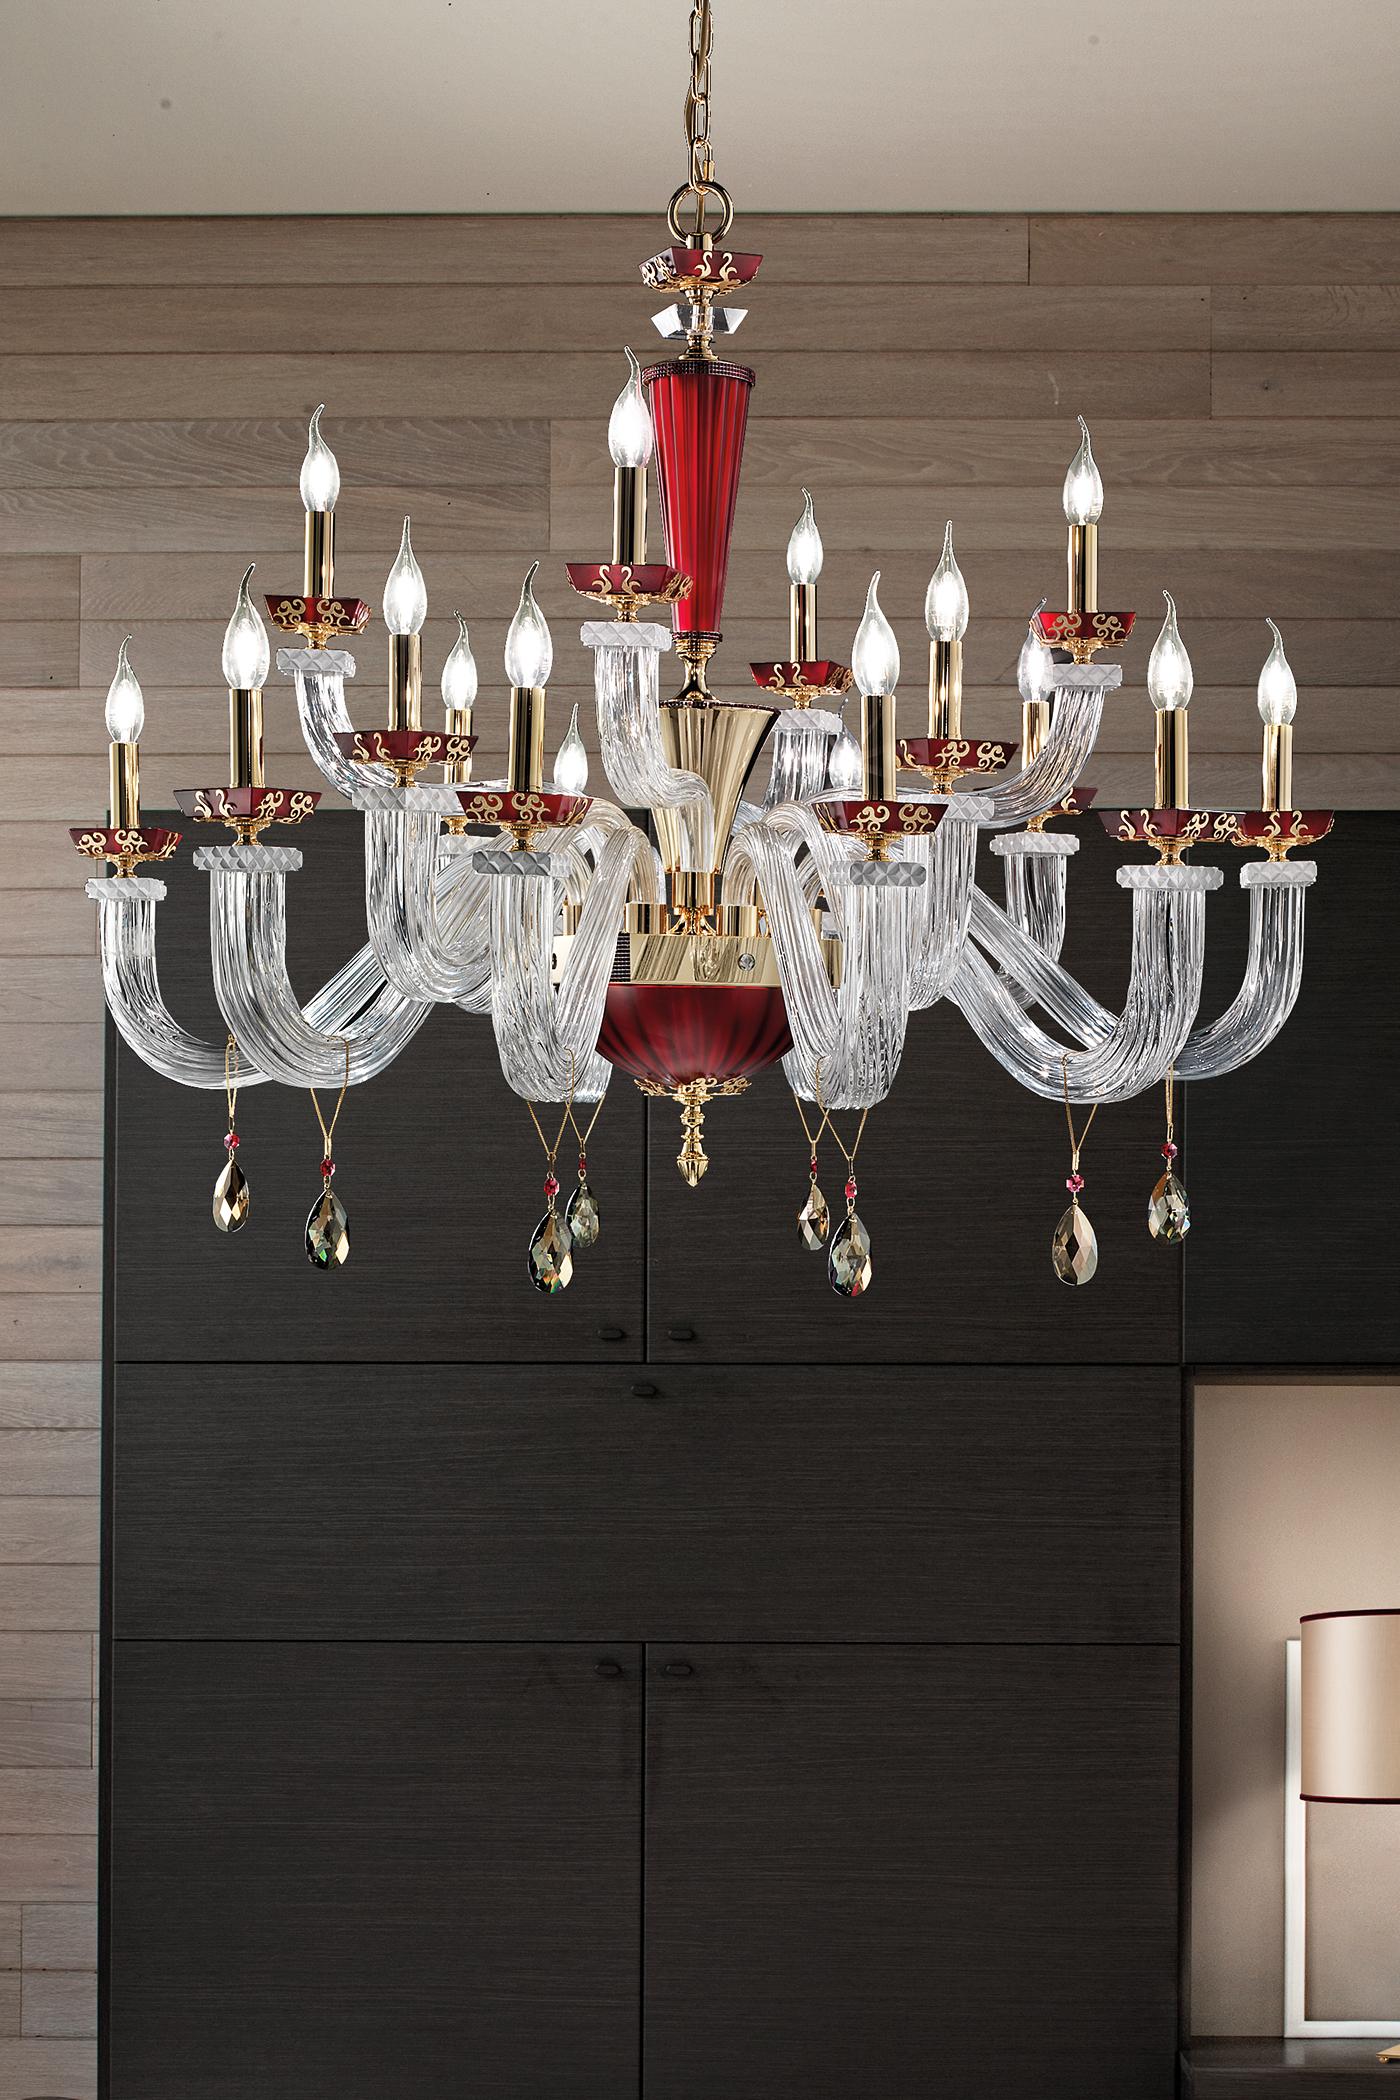 Люстра со свечами, декорированная кристаллами